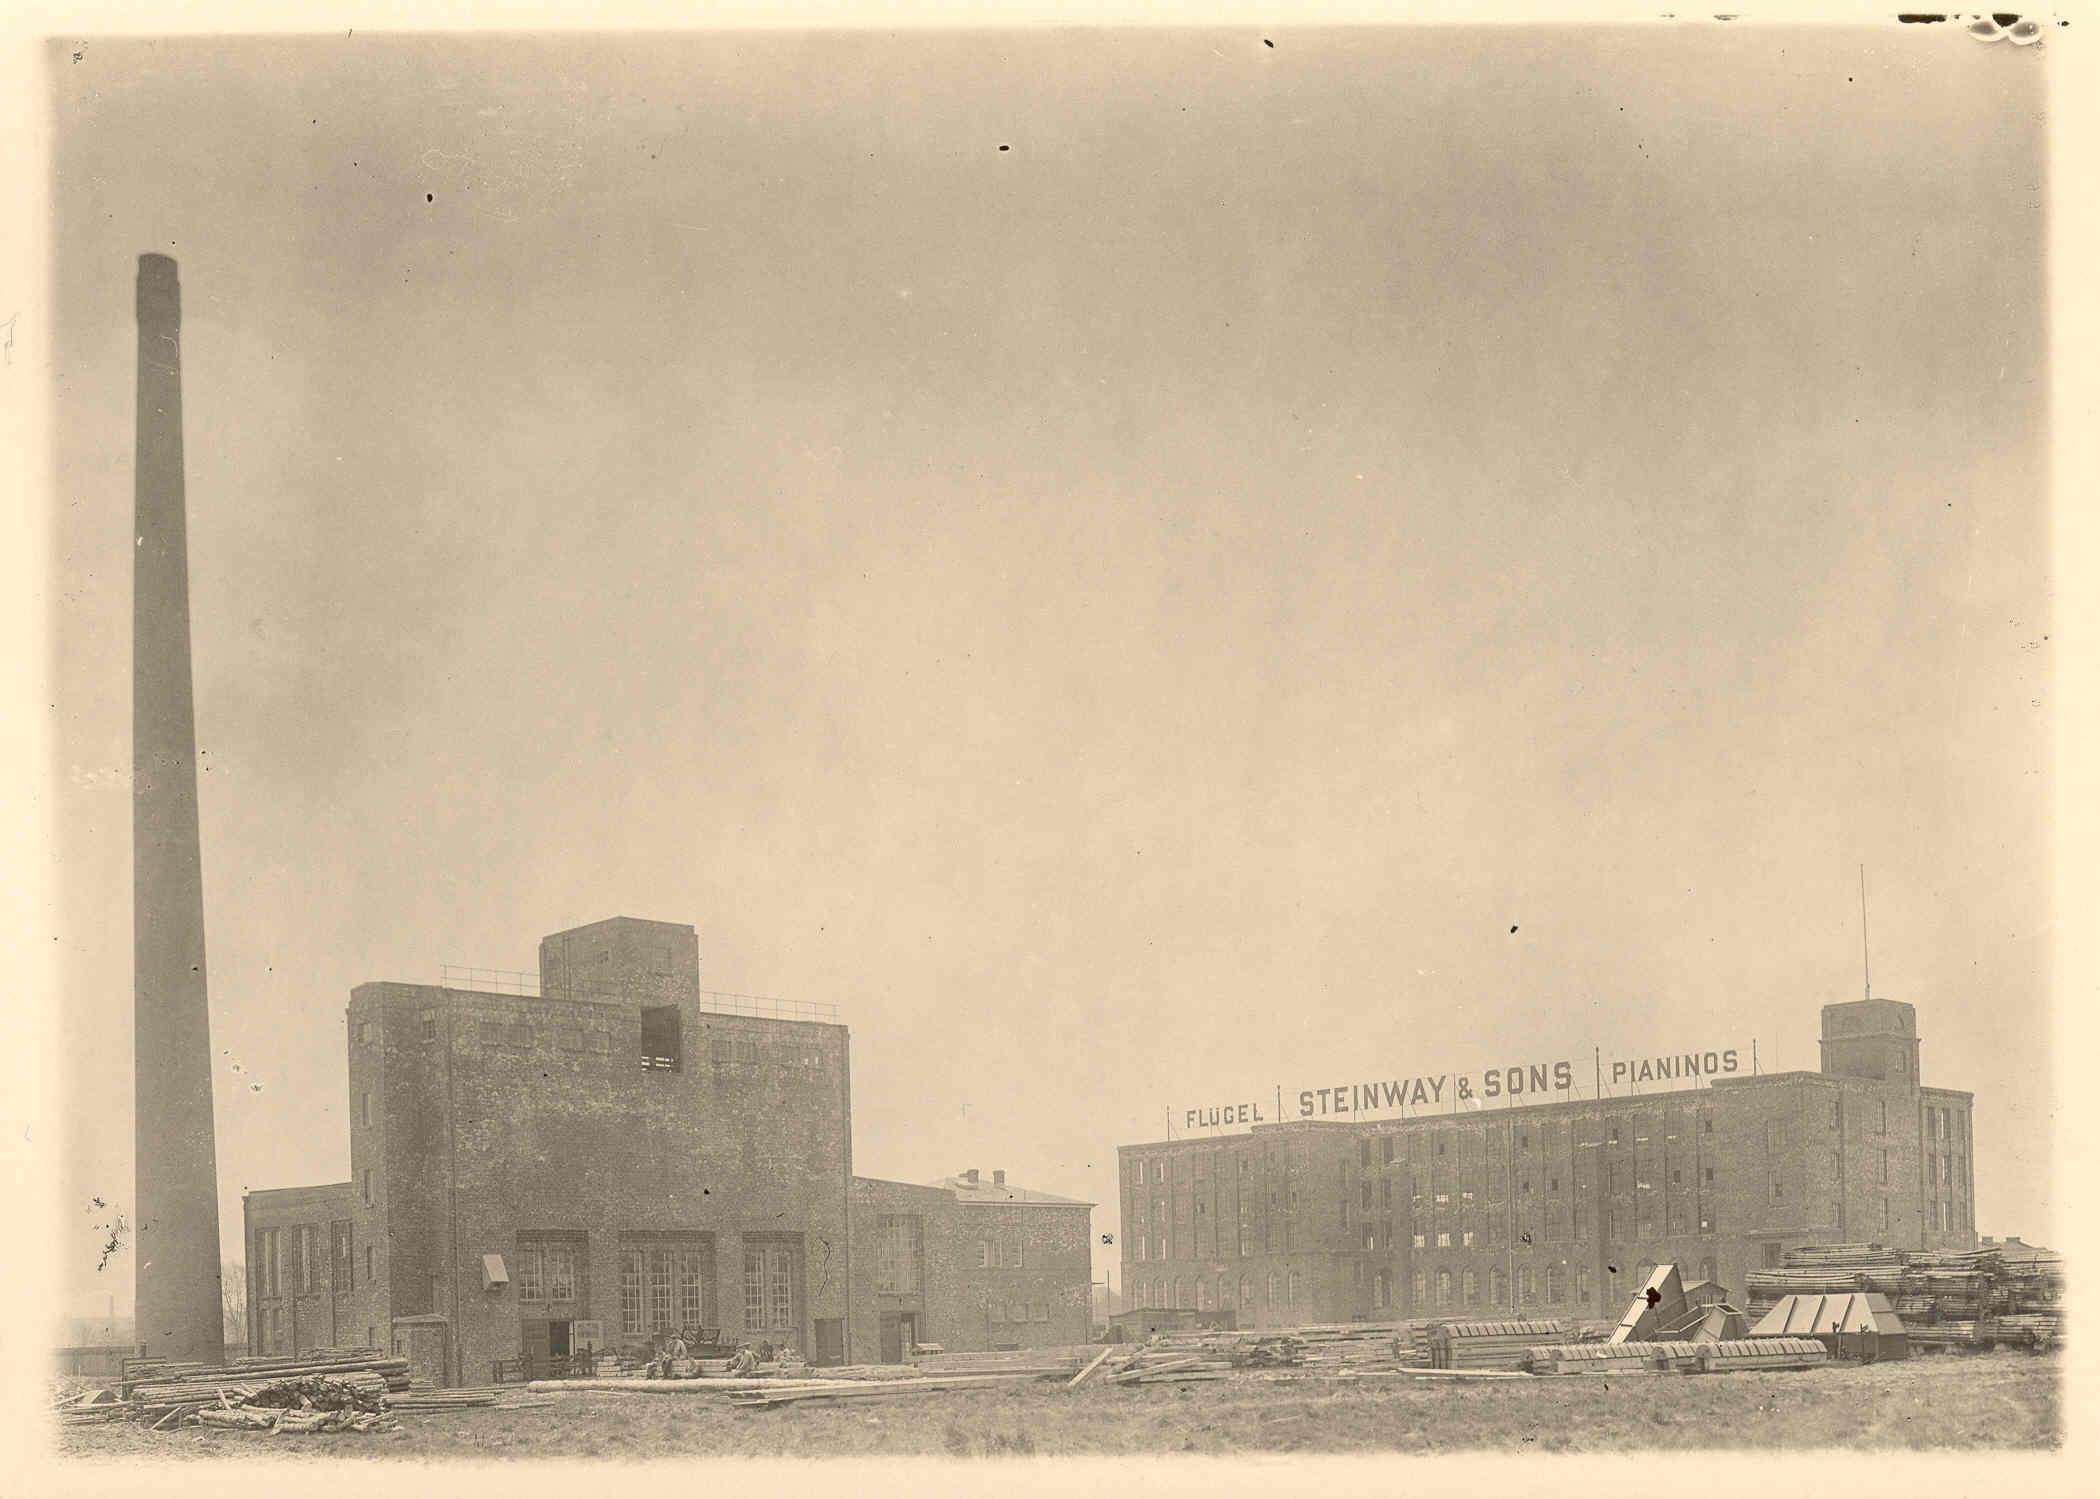 Fabrik_Rondenbarg